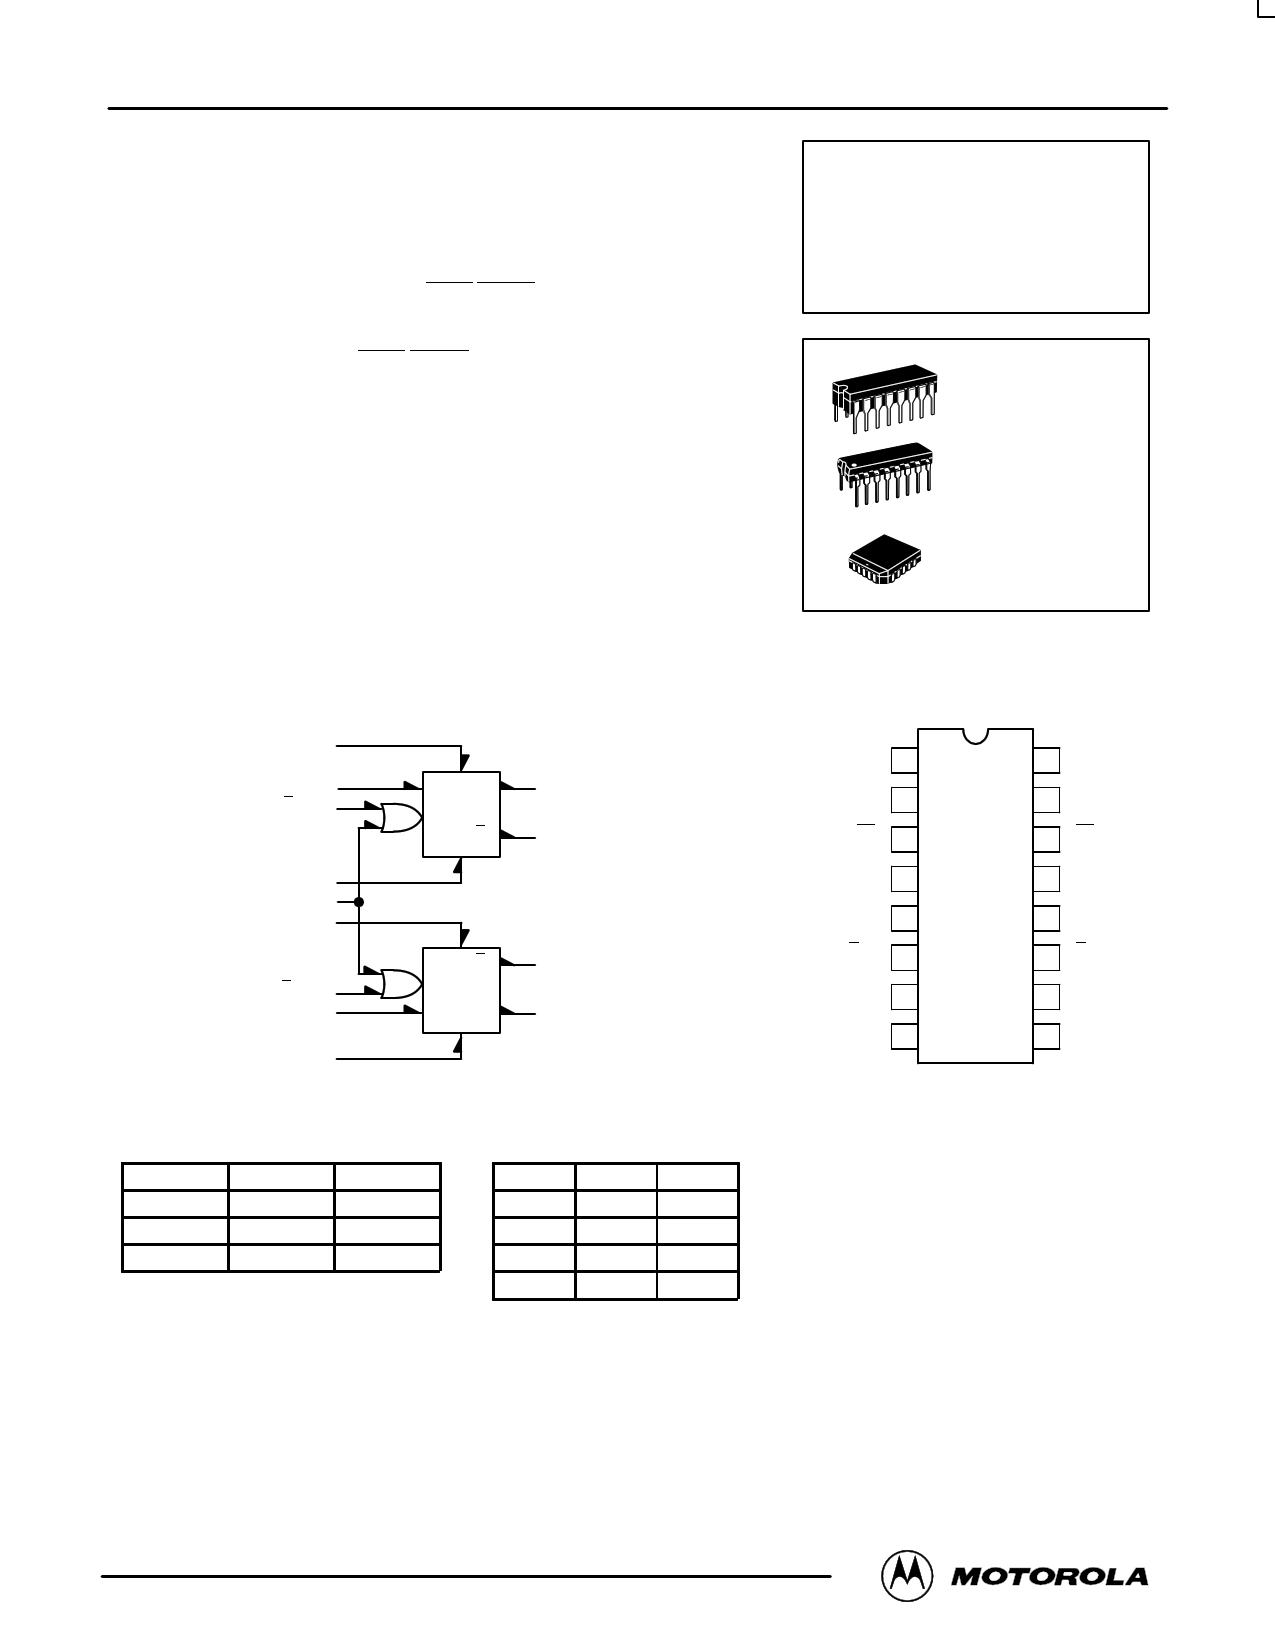 mc10131fn datasheet pdf   pinout